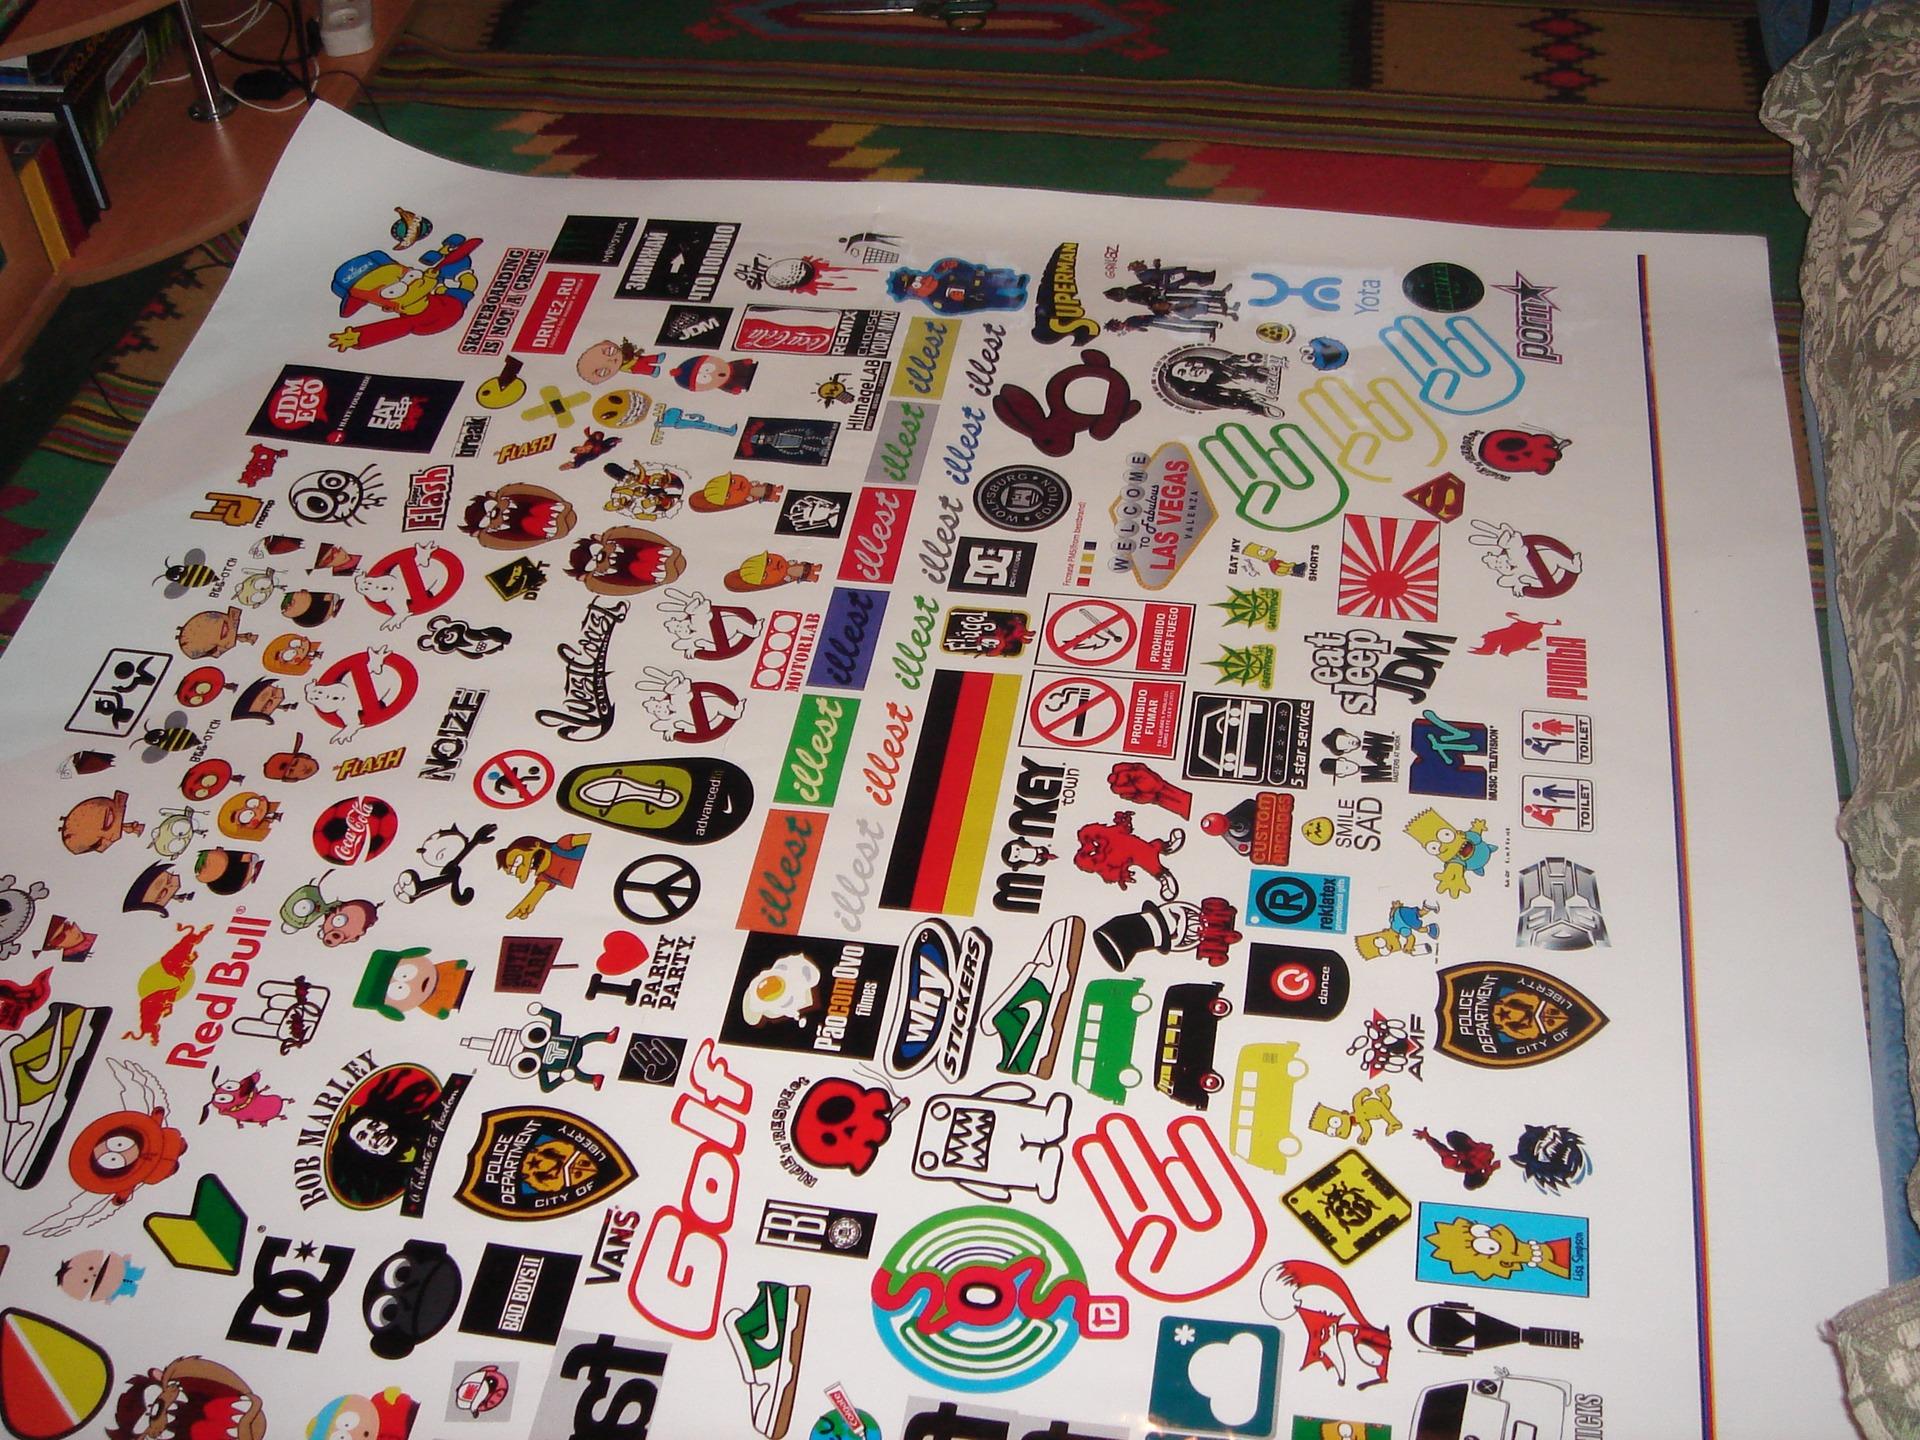 Создание своих стикеров в телеграмме: пошаговая инструкция